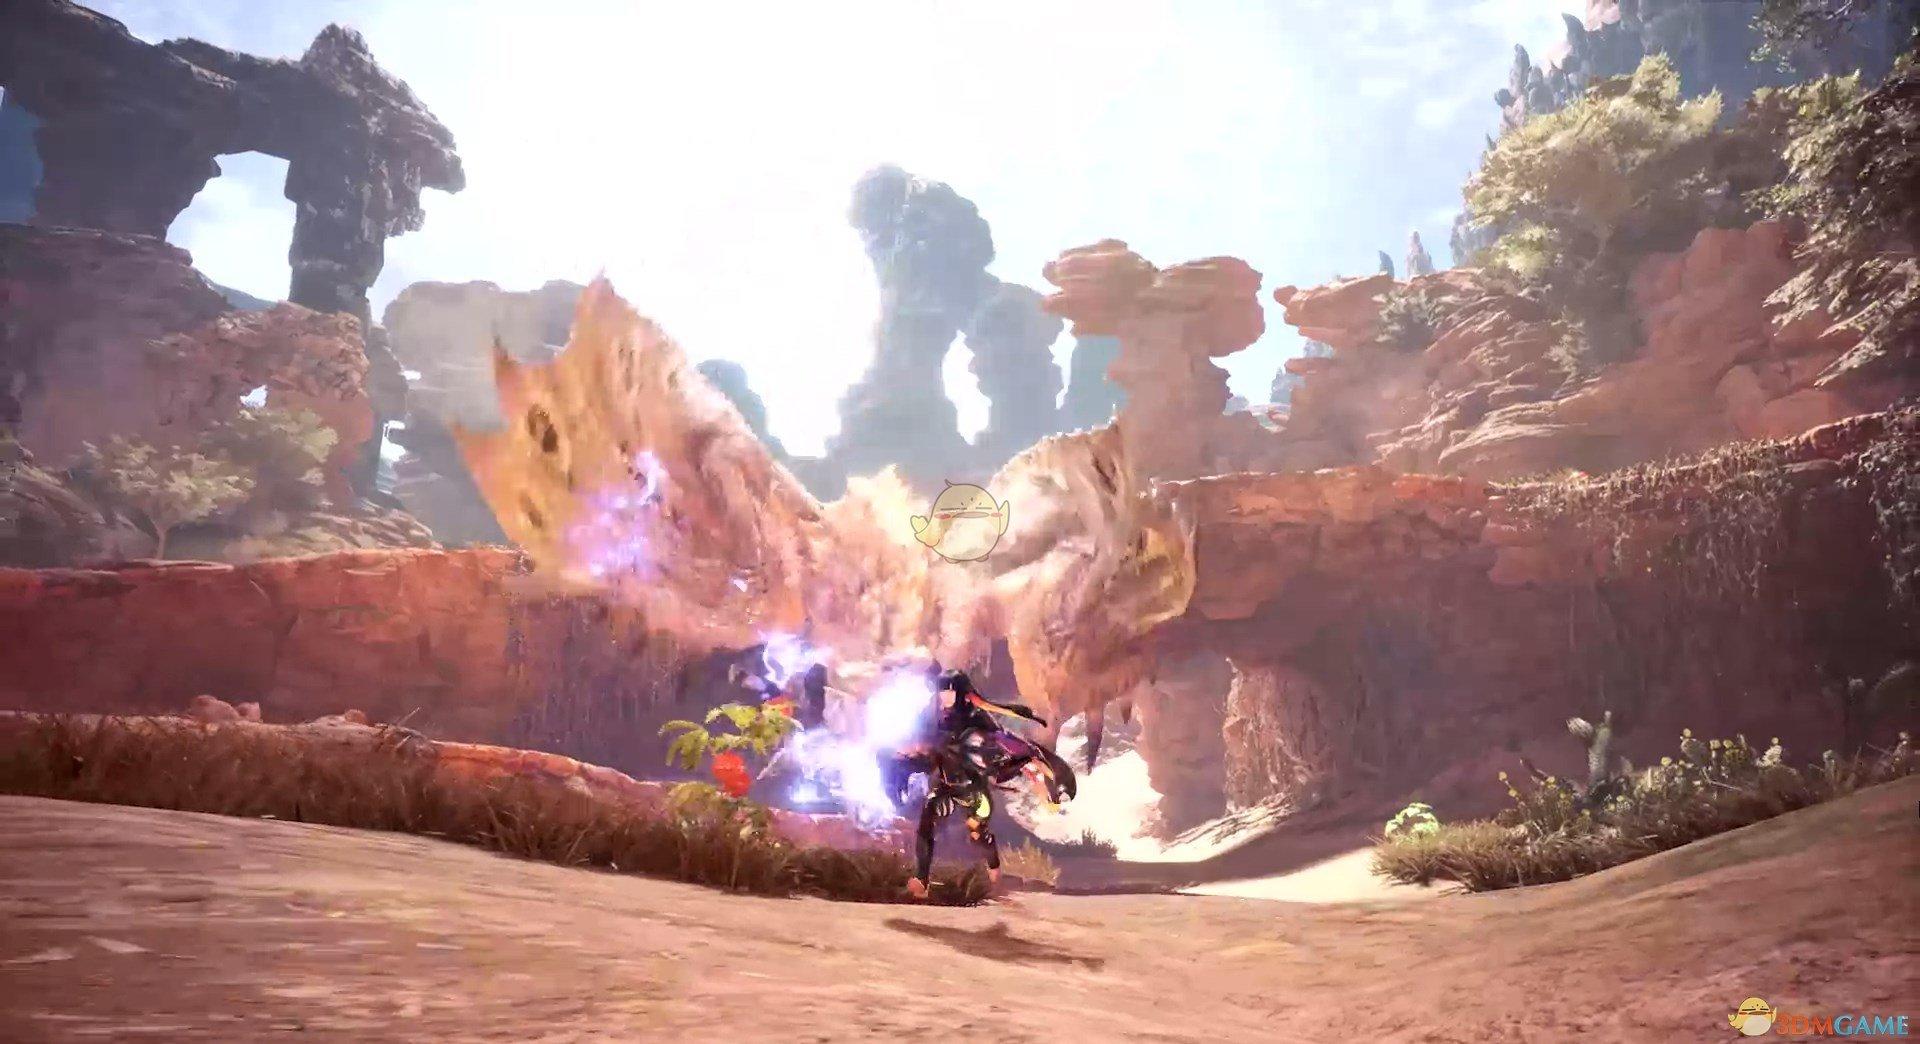 《怪物猎人:世界》冰原DLC剑斧零属解提前爆破方法及好处介绍